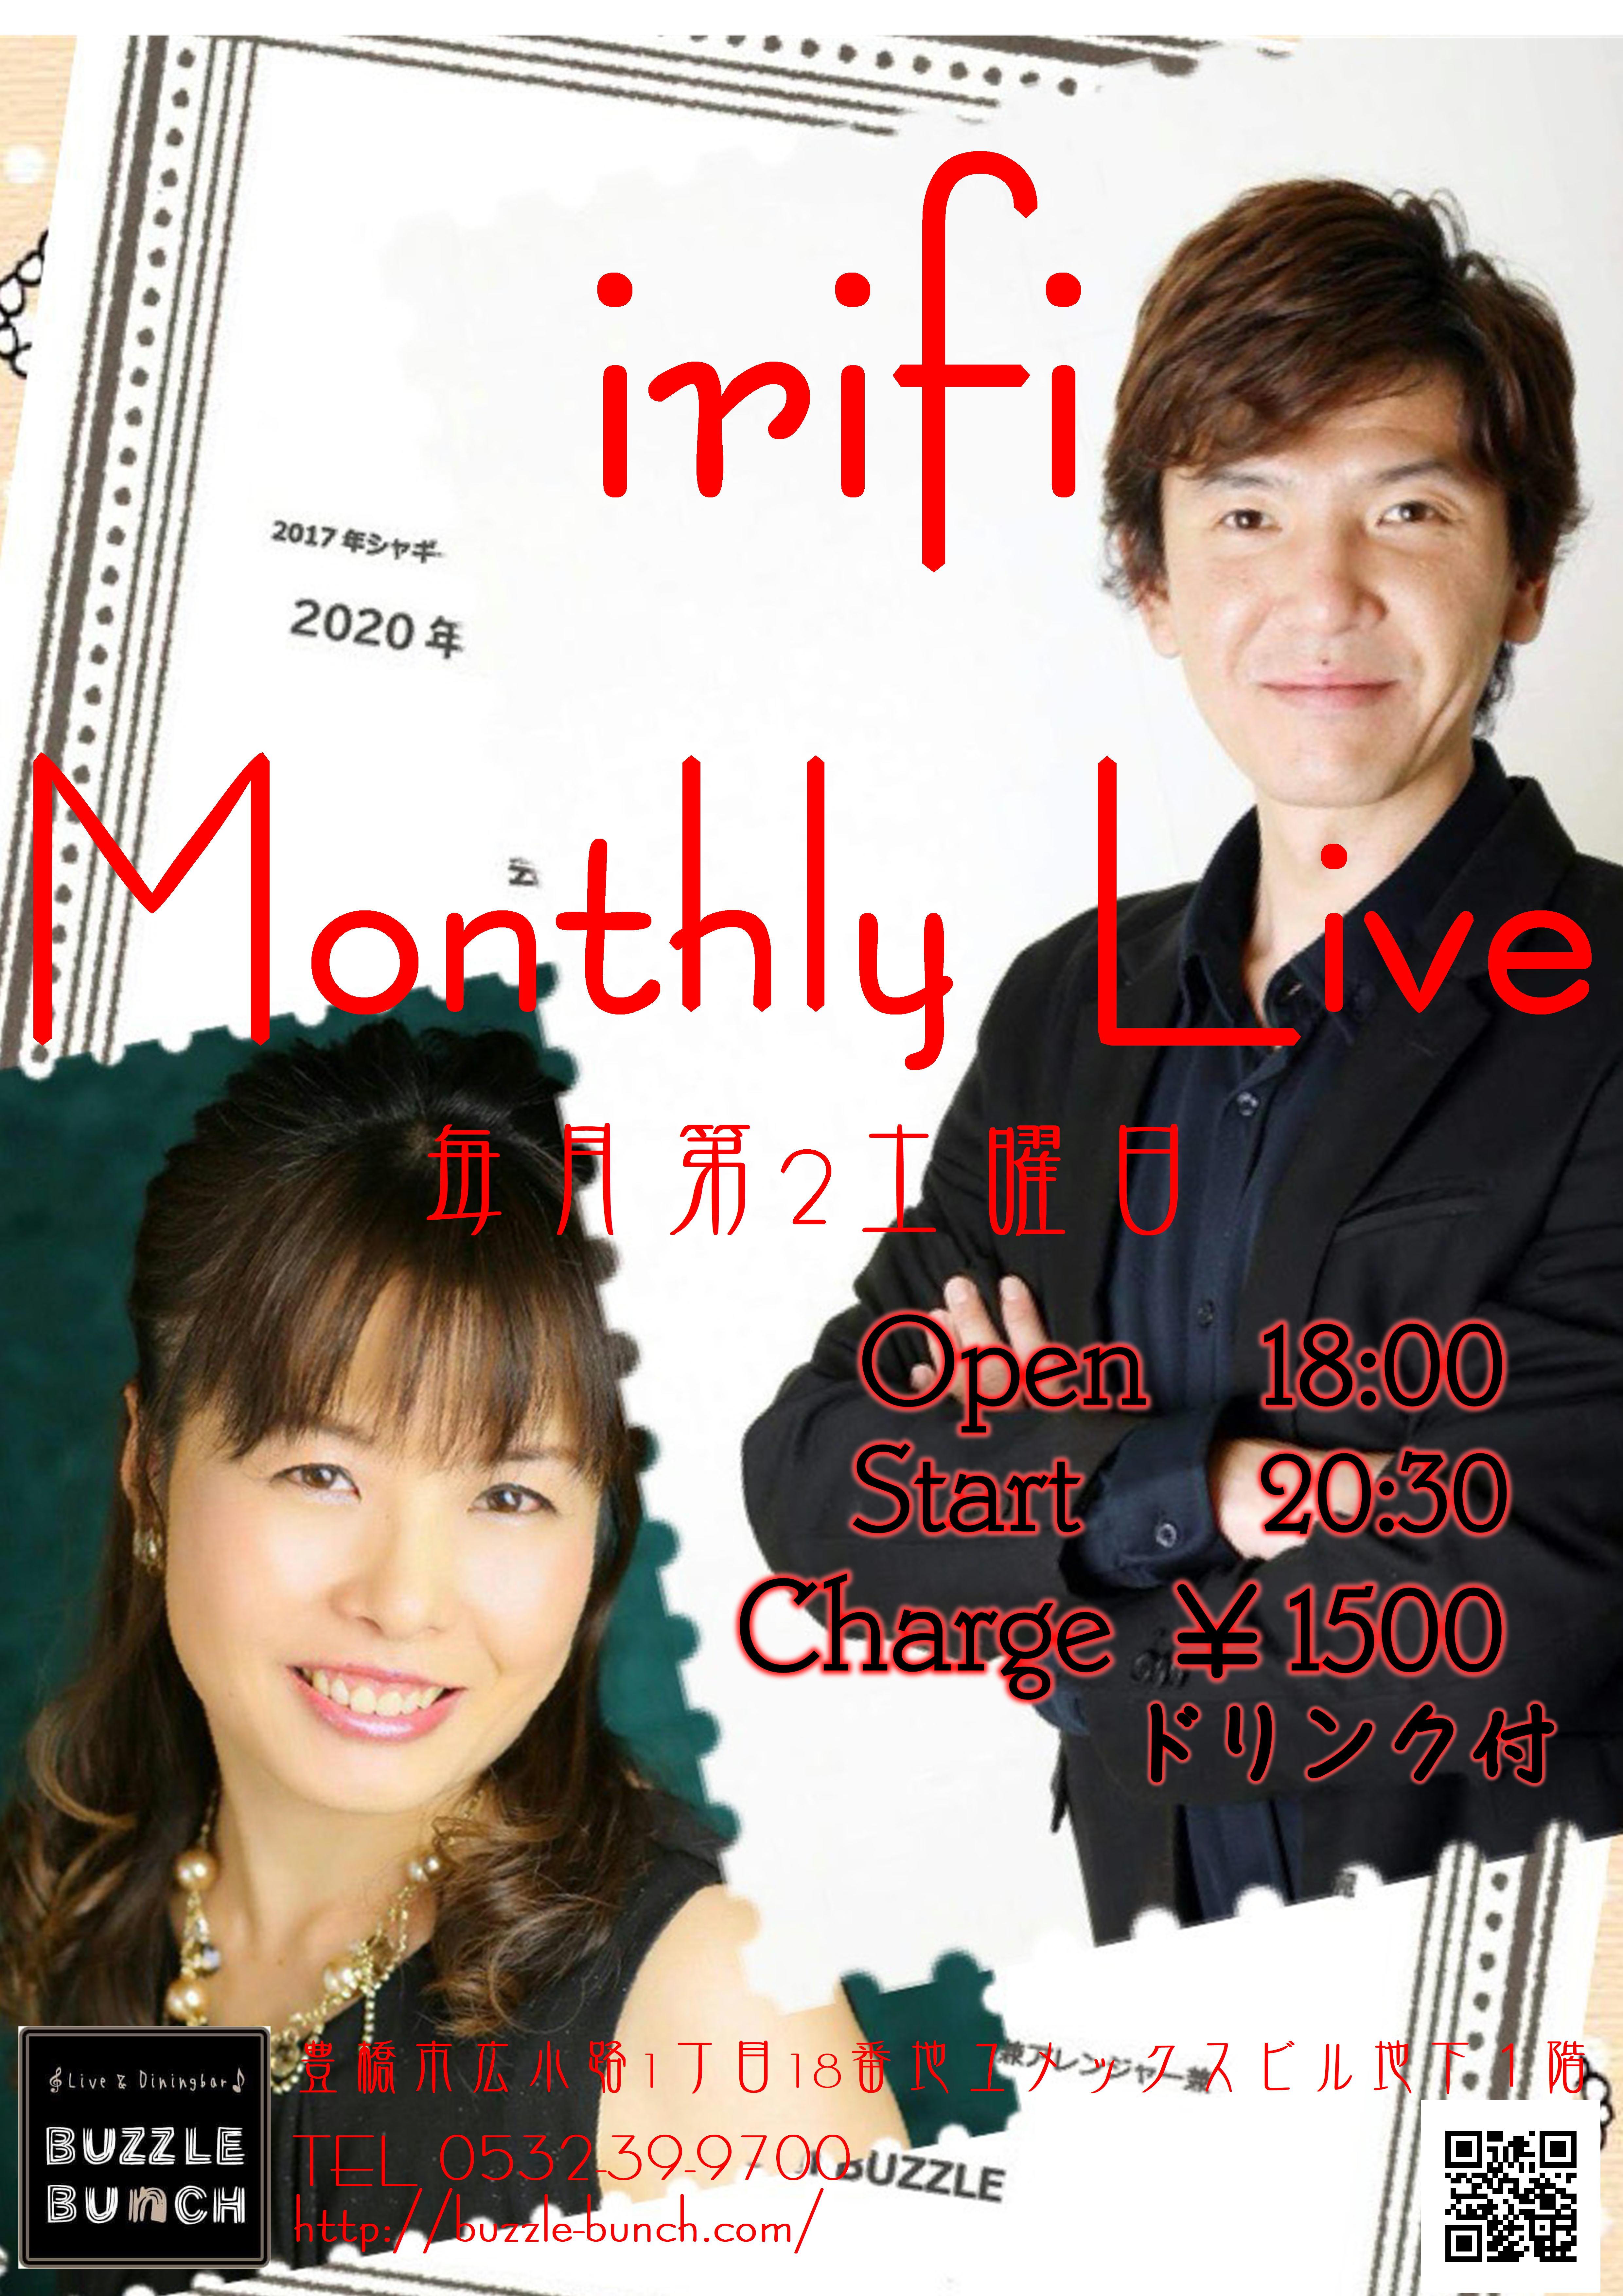 2020年10月14 日(土) ~irifi~  Live